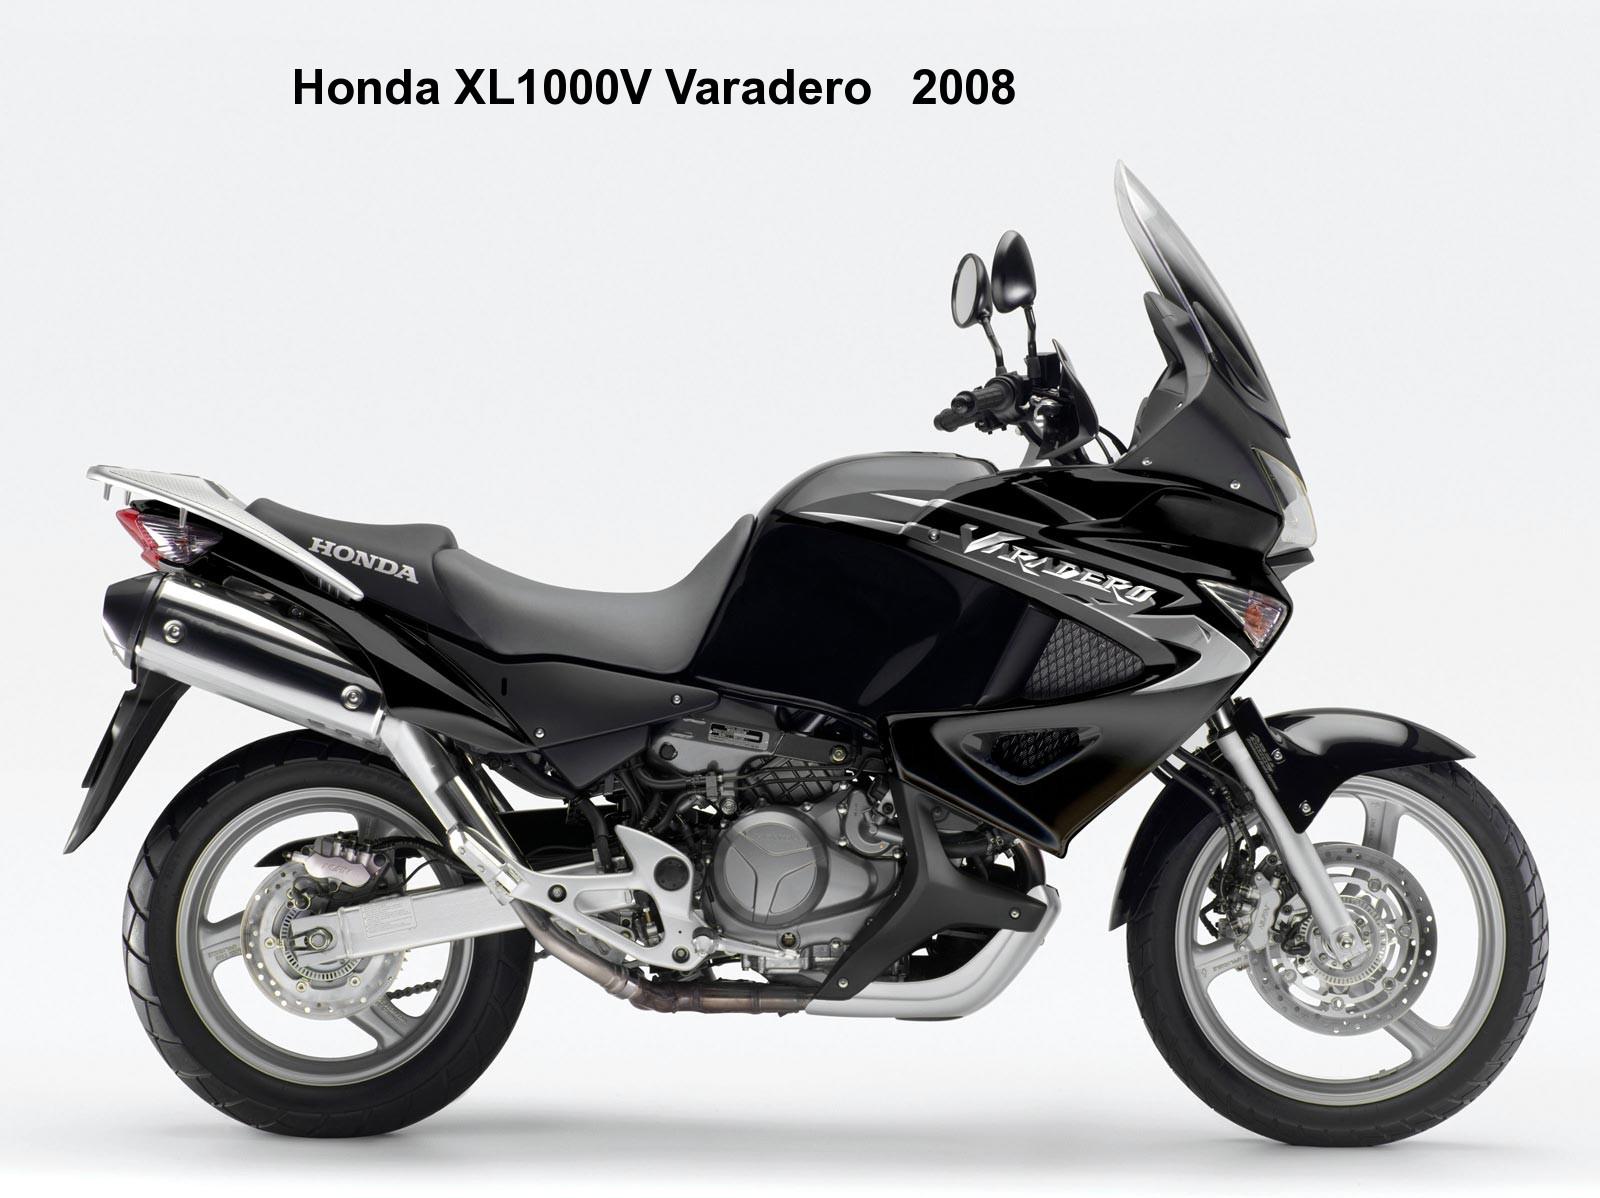 Honda Varadero 2008